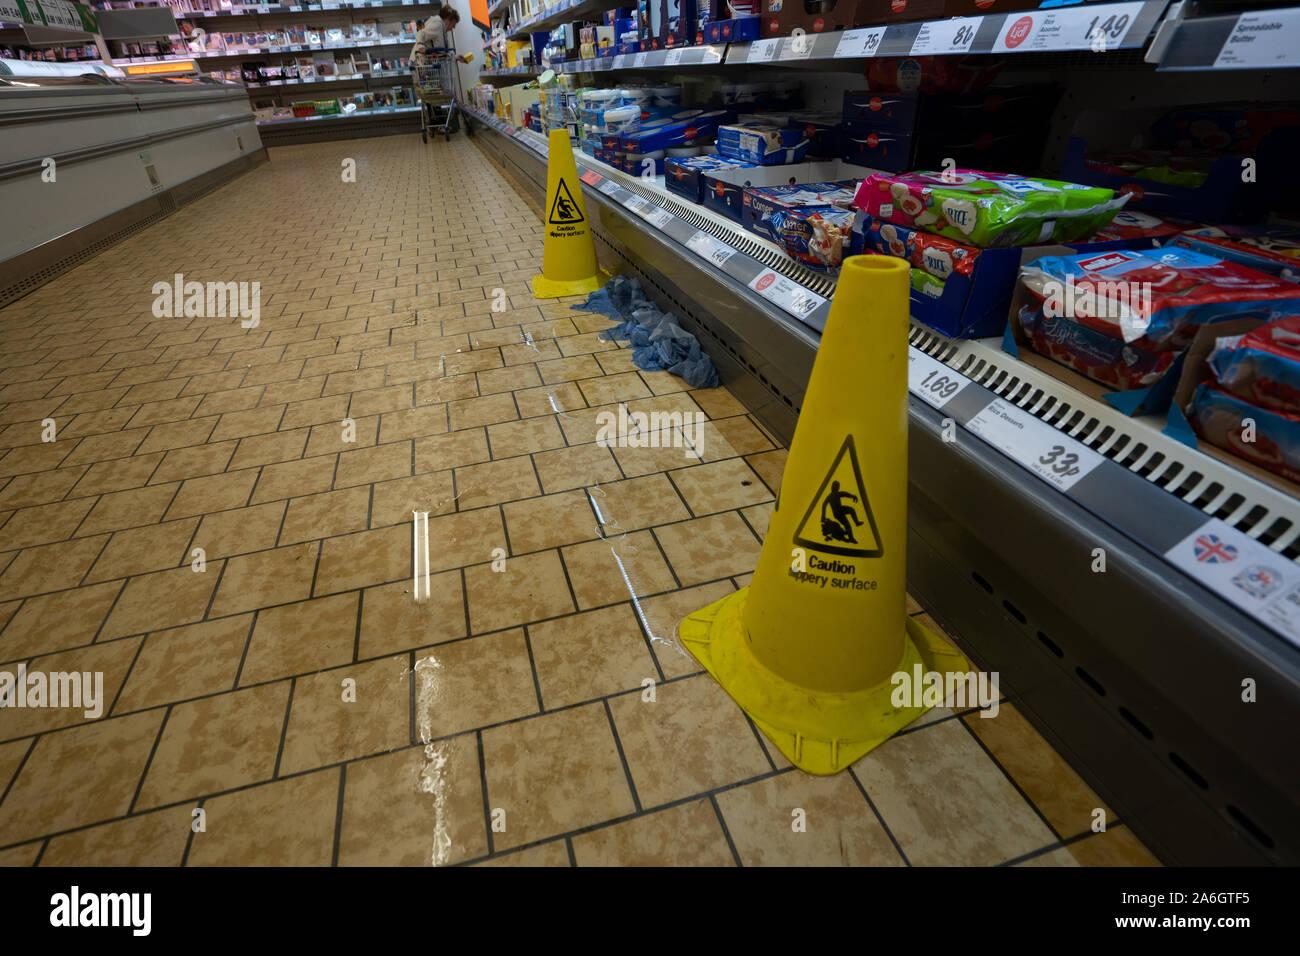 Caution Wet Floor Sign In Photos Caution Wet Floor Sign In